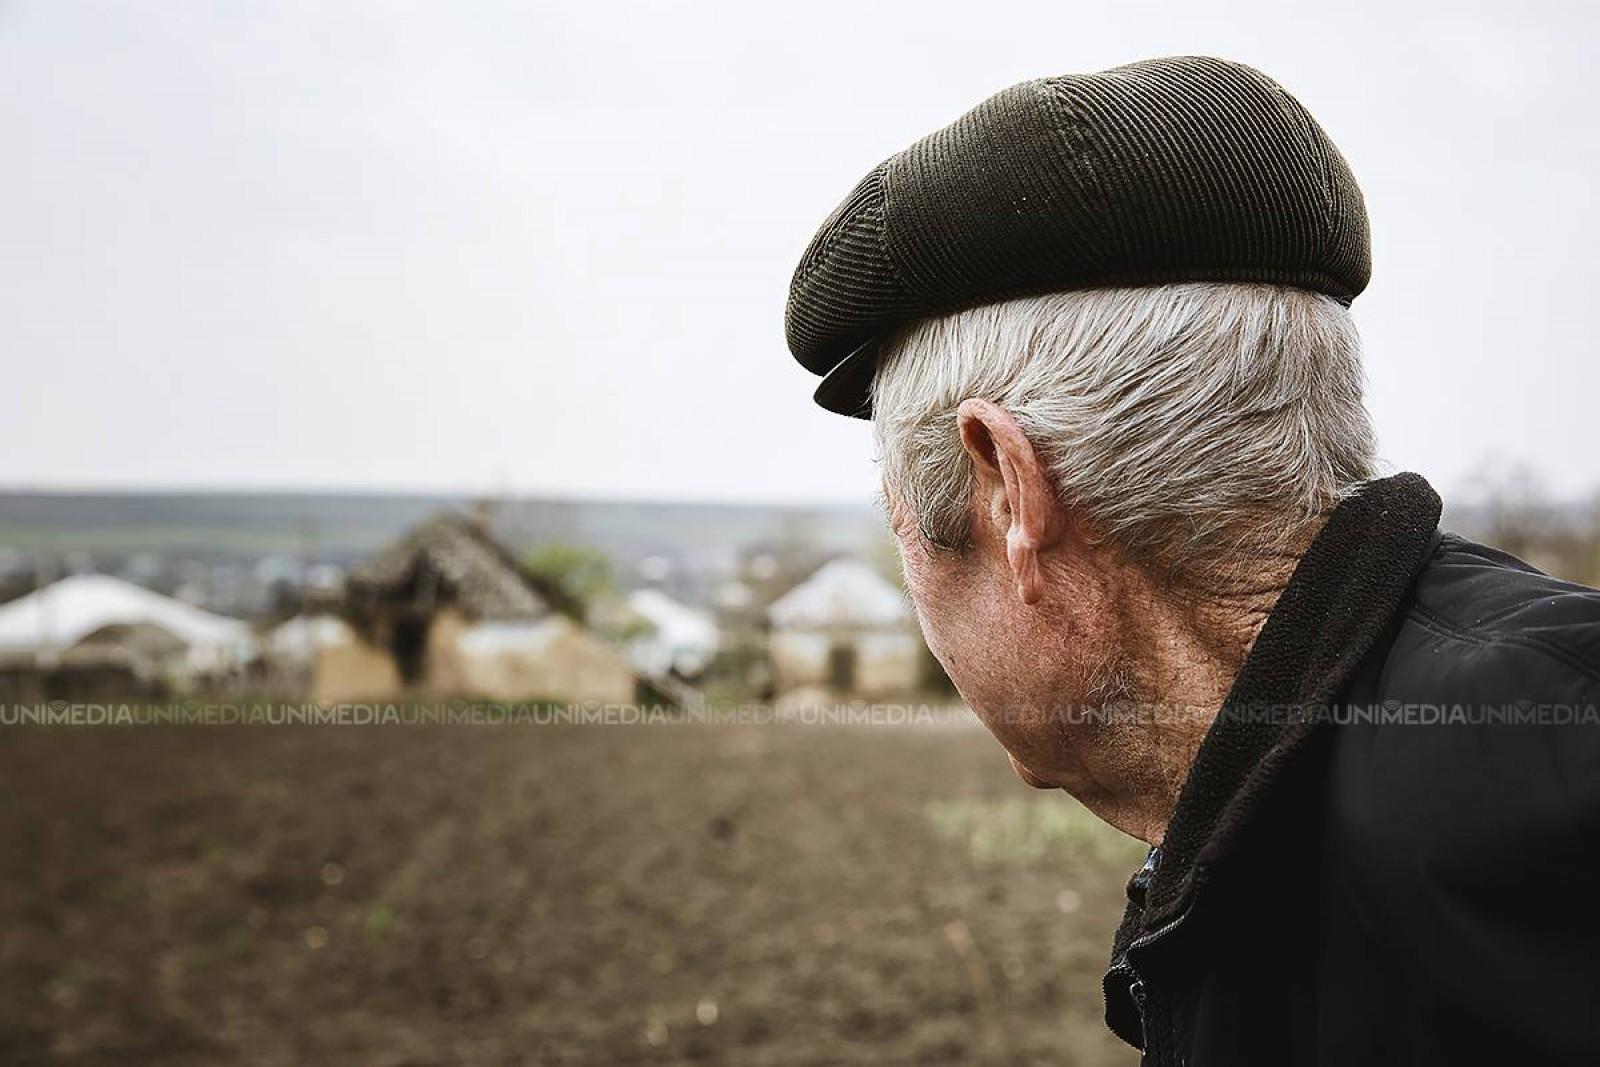 Mold-street: Oameni muncii sunt pe cale de dispariţie, dar Ziua Muncii rămâne